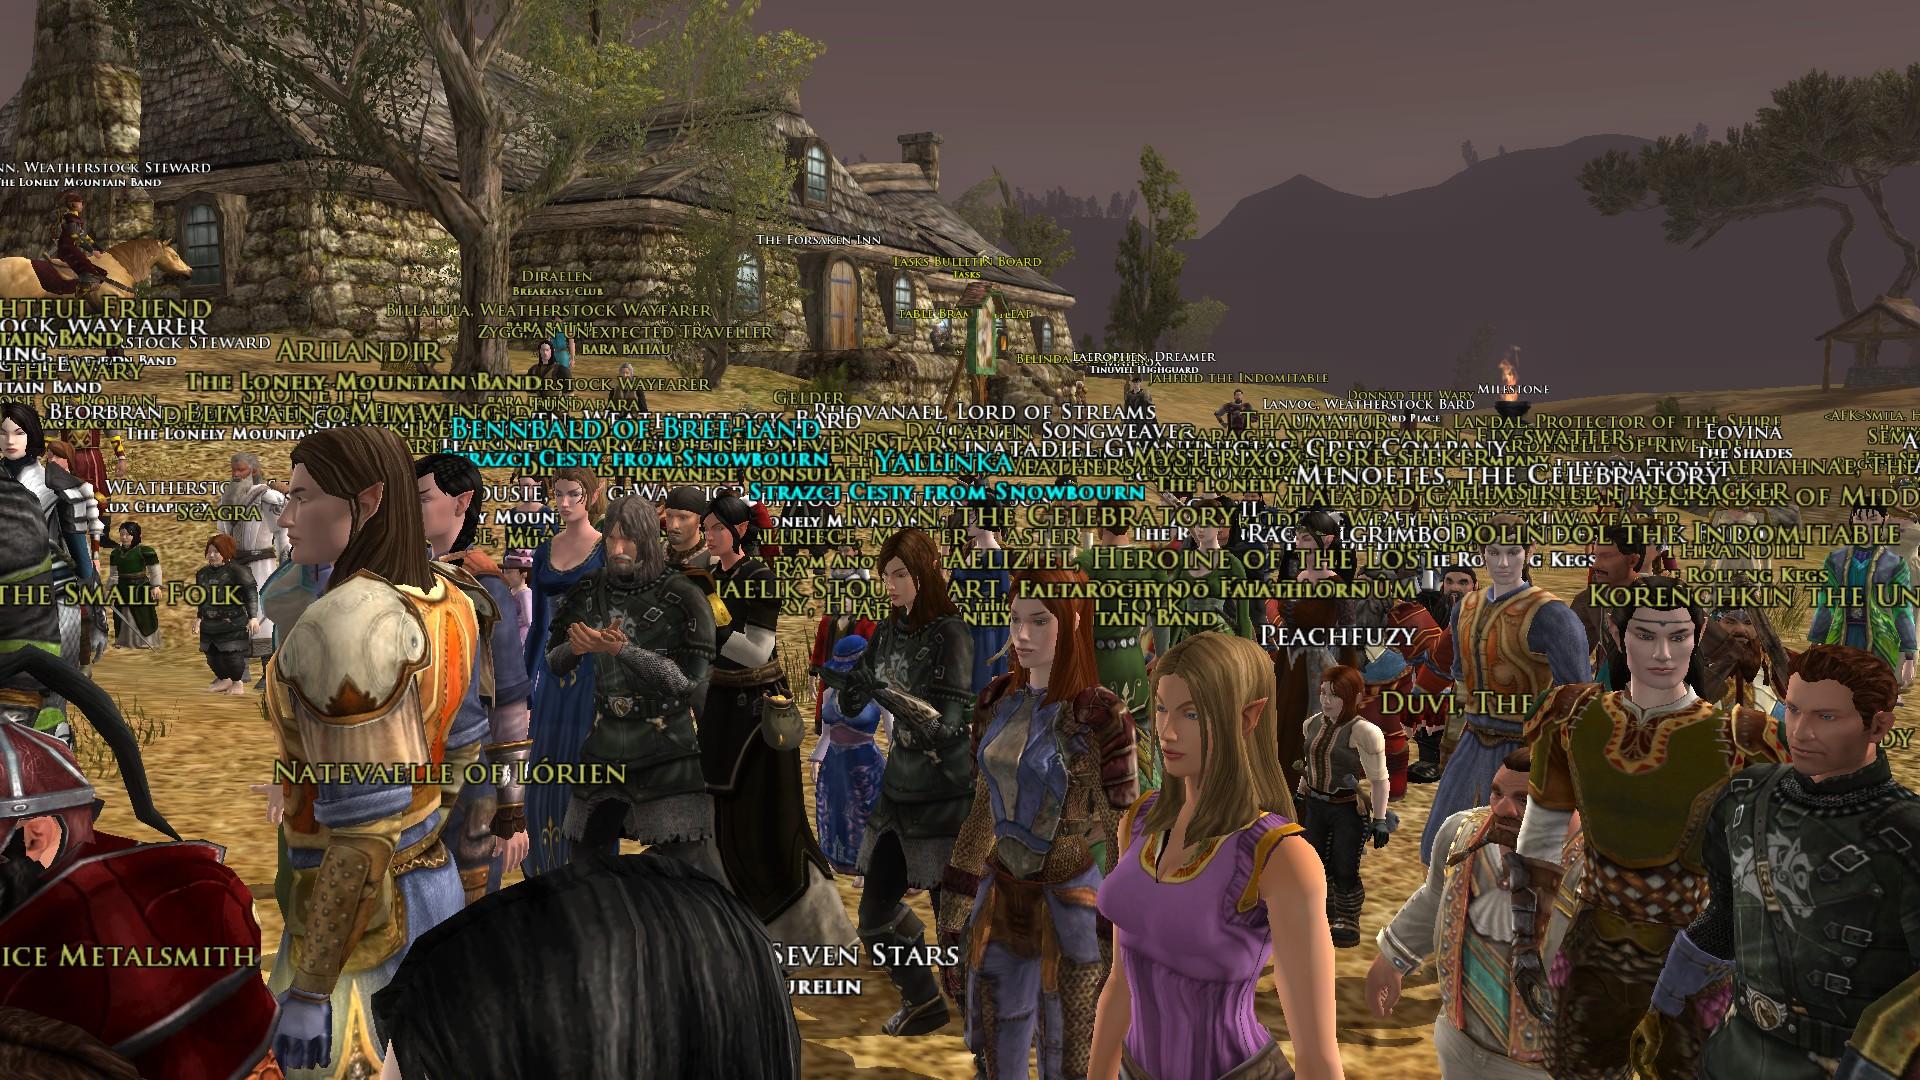 Začiatok akcie pri Forsaken Inn